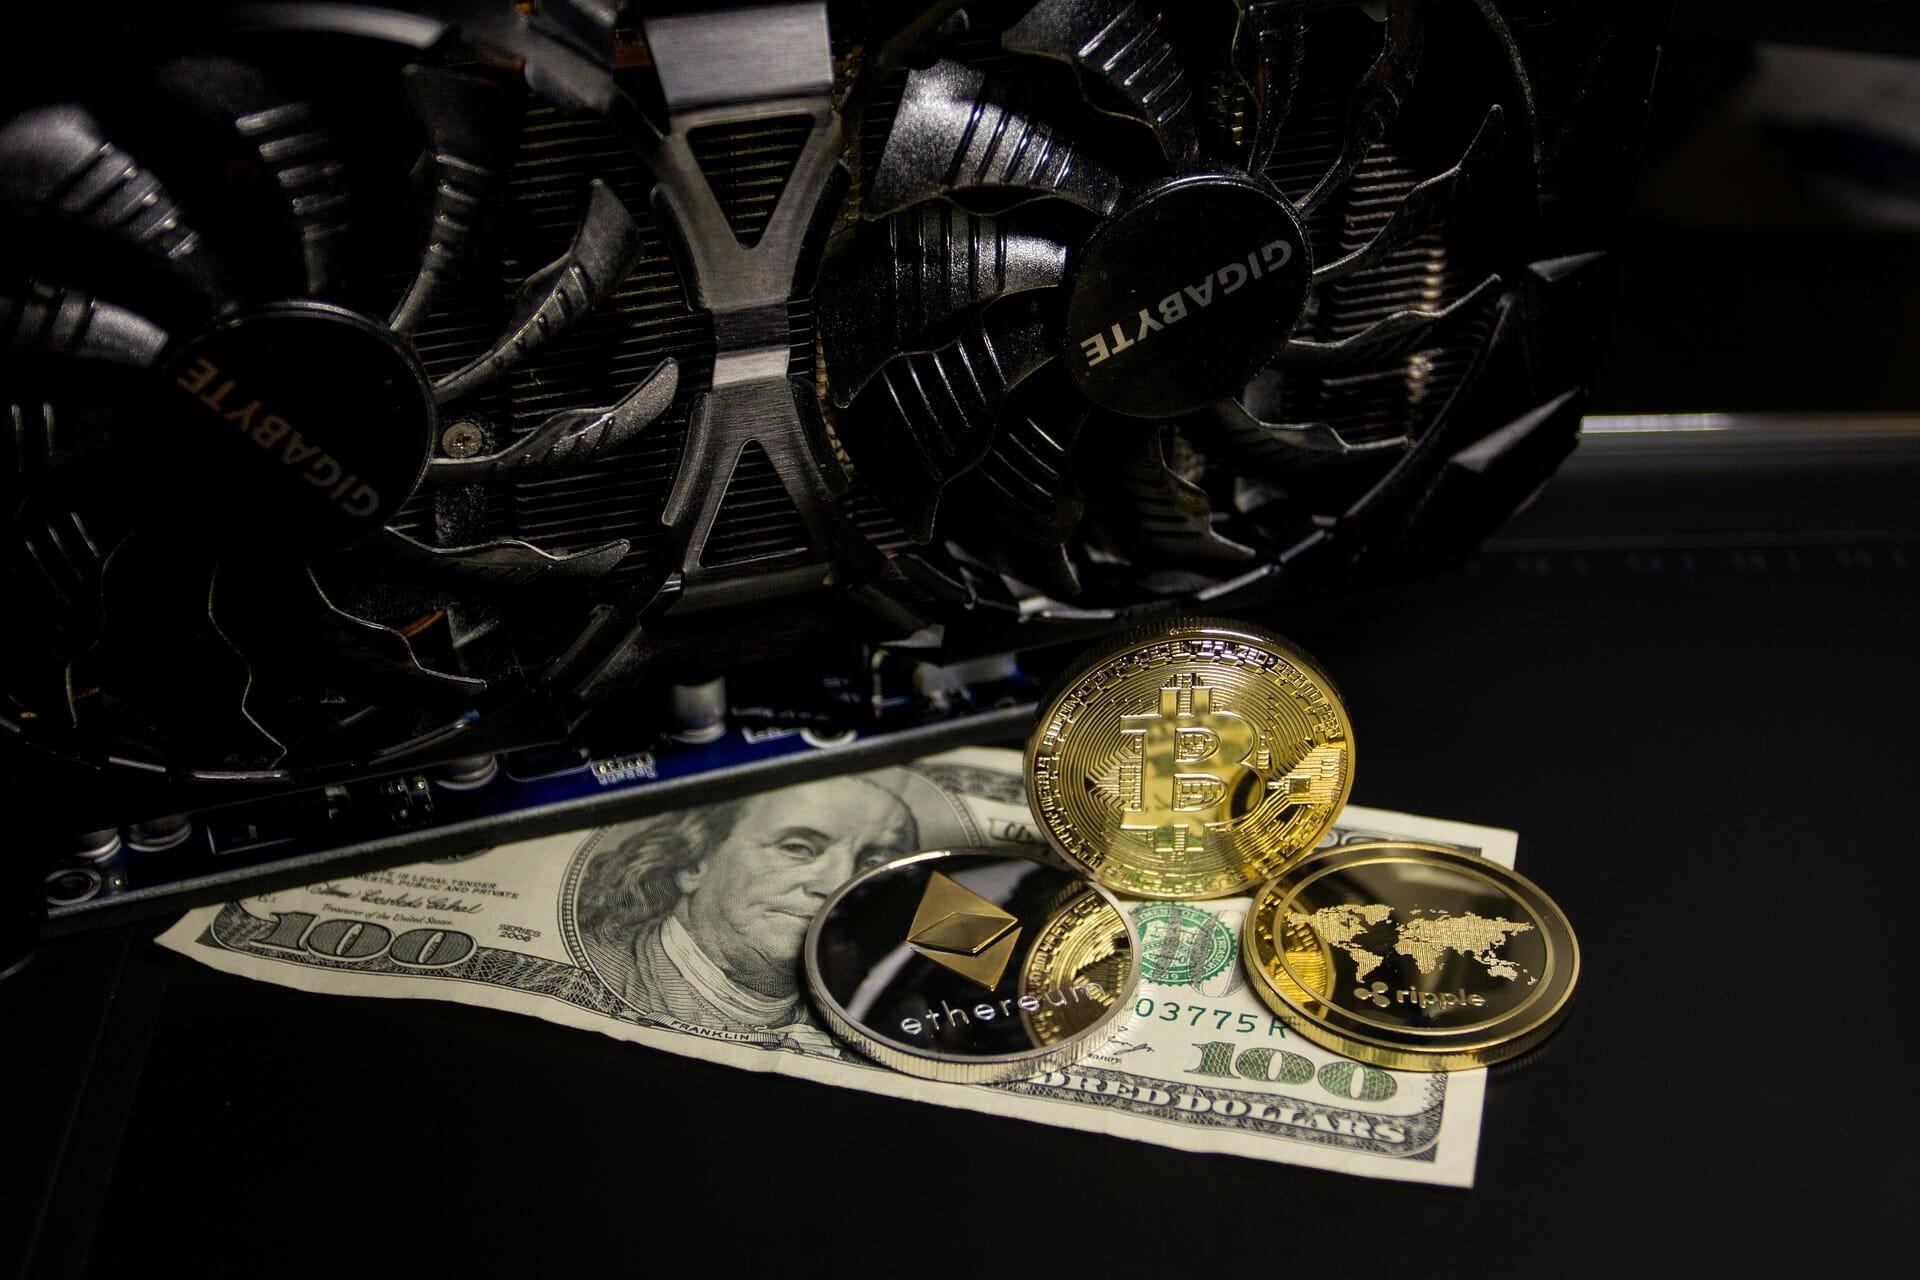 Mit Cloud Mining kann man durchaus Geld verdienen